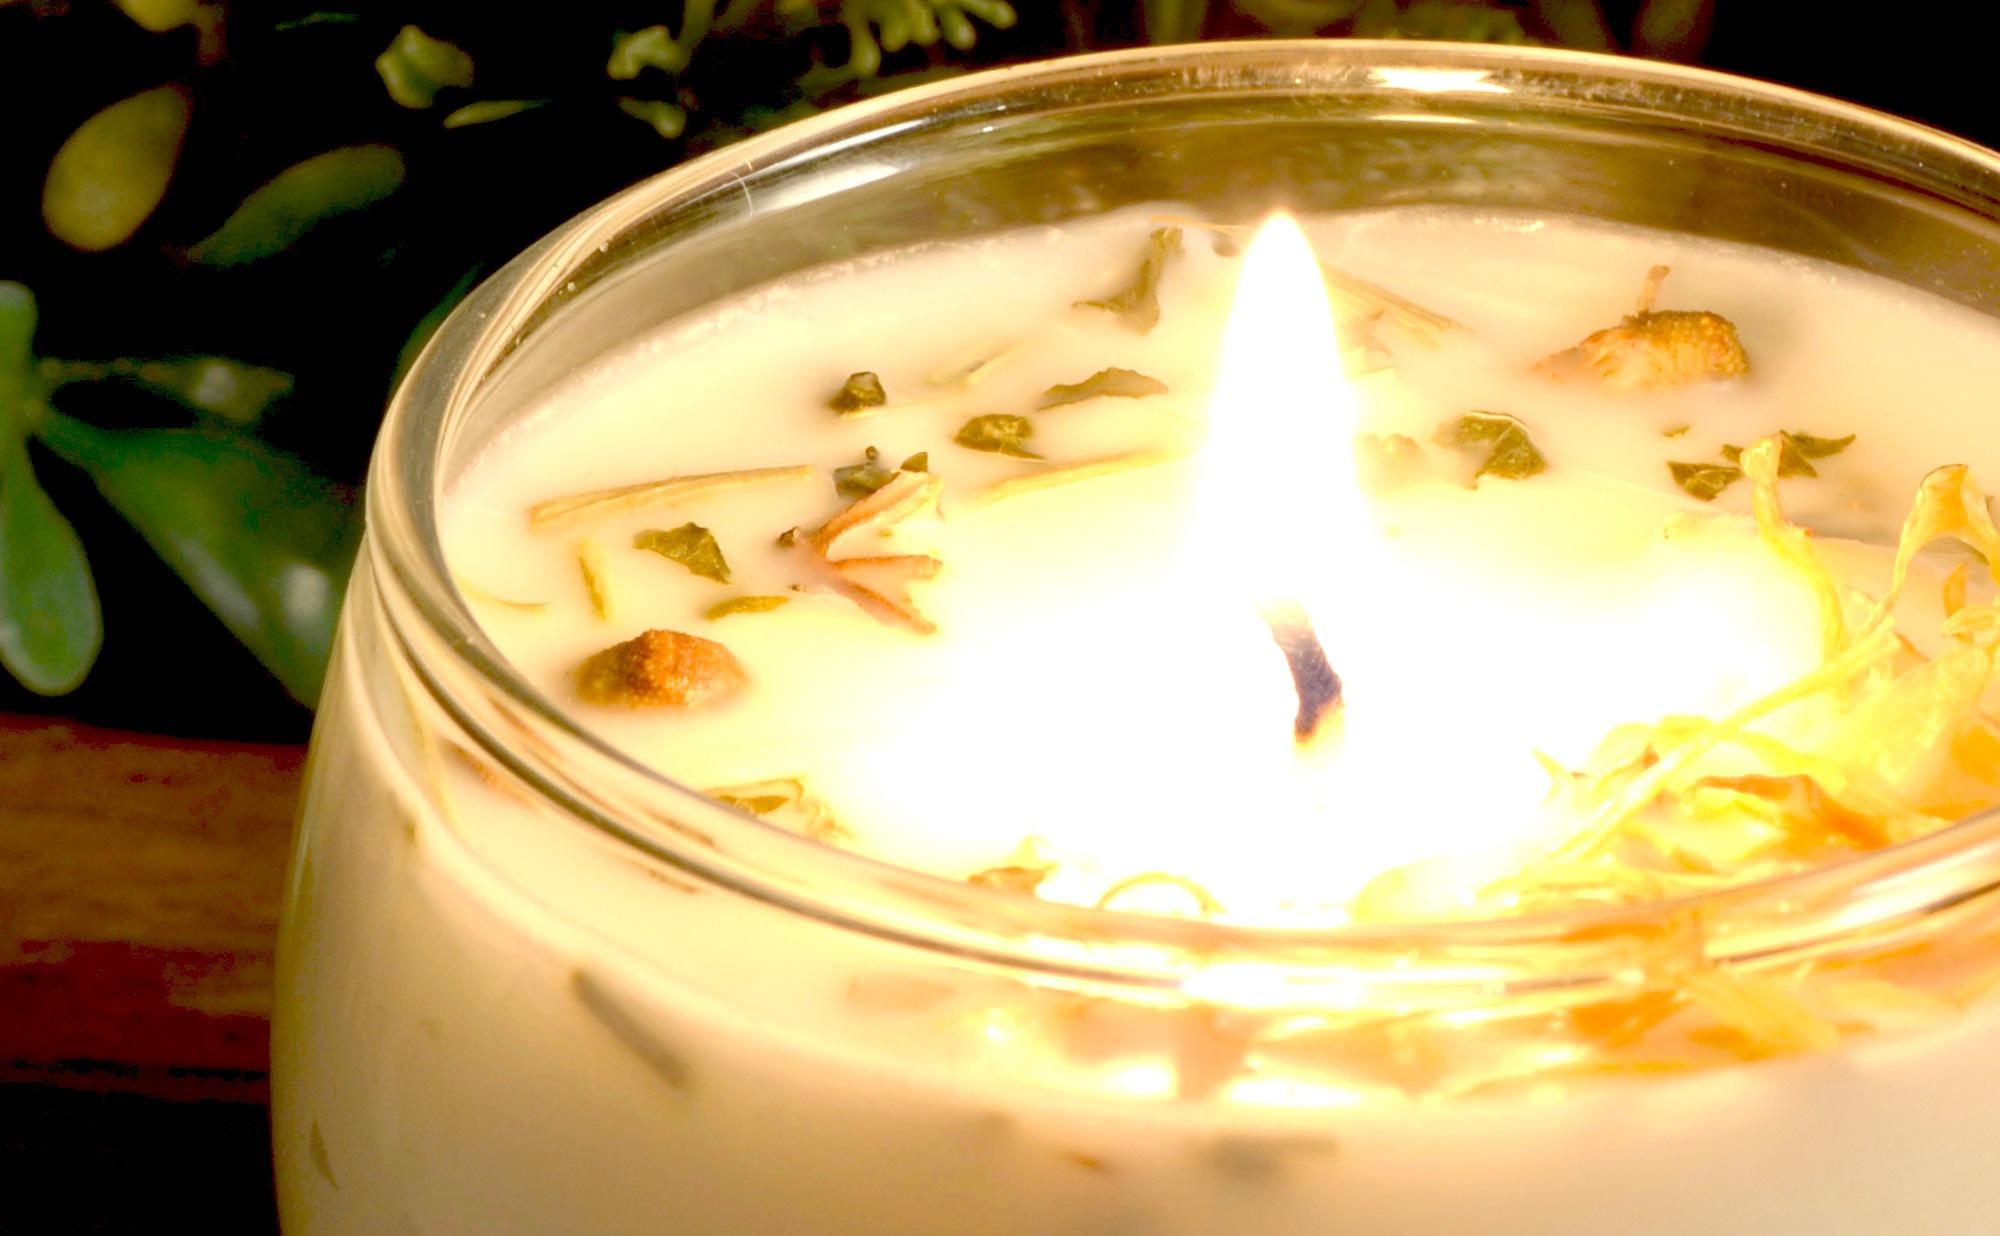 【手作りキット】 「イランイランの精油」 手作りアロマ大豆キャンドルキット